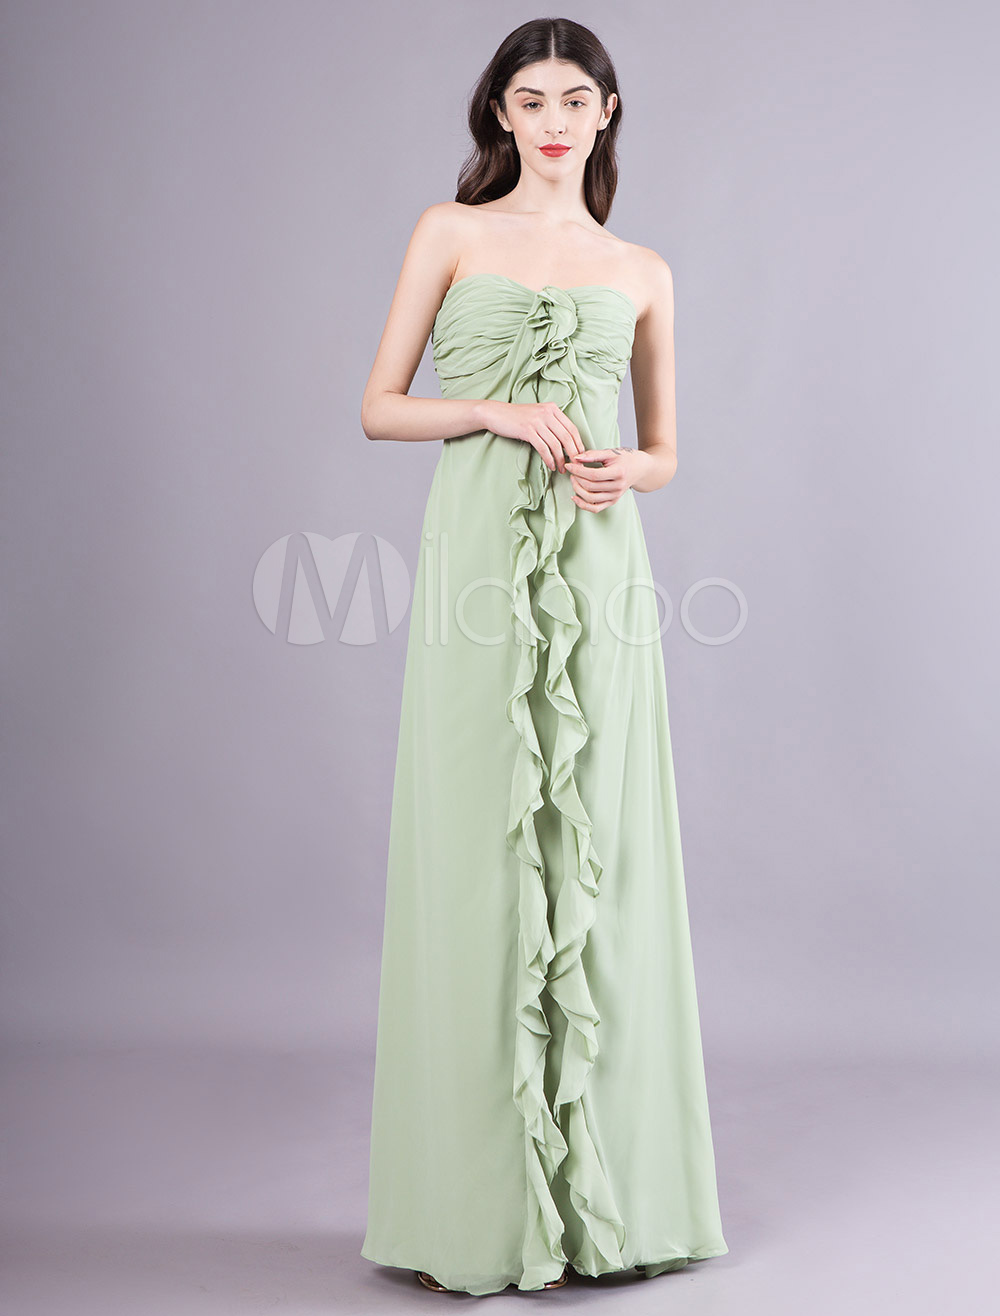 b560f290f7049f Robes de demoiselle d'honneur vert sauge bustier chérie volants en cascade  longue robe de soirée